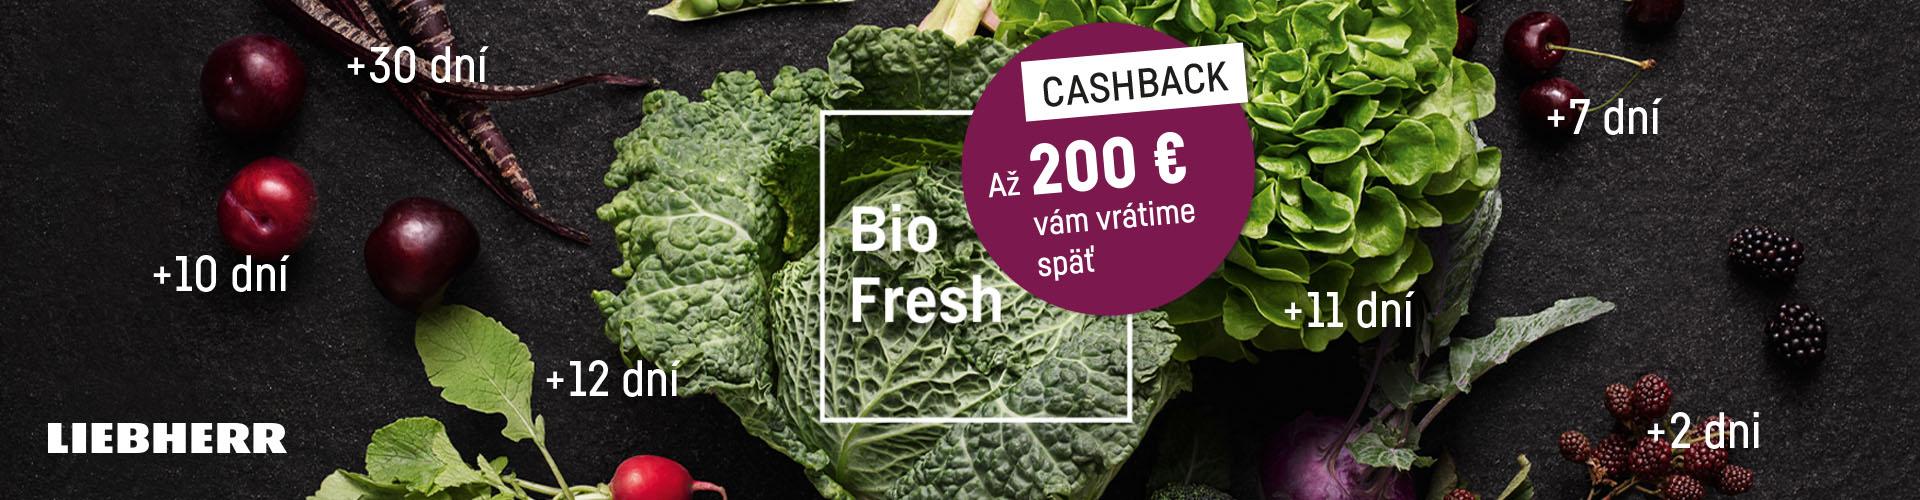 Akcia Liebherr Cashback